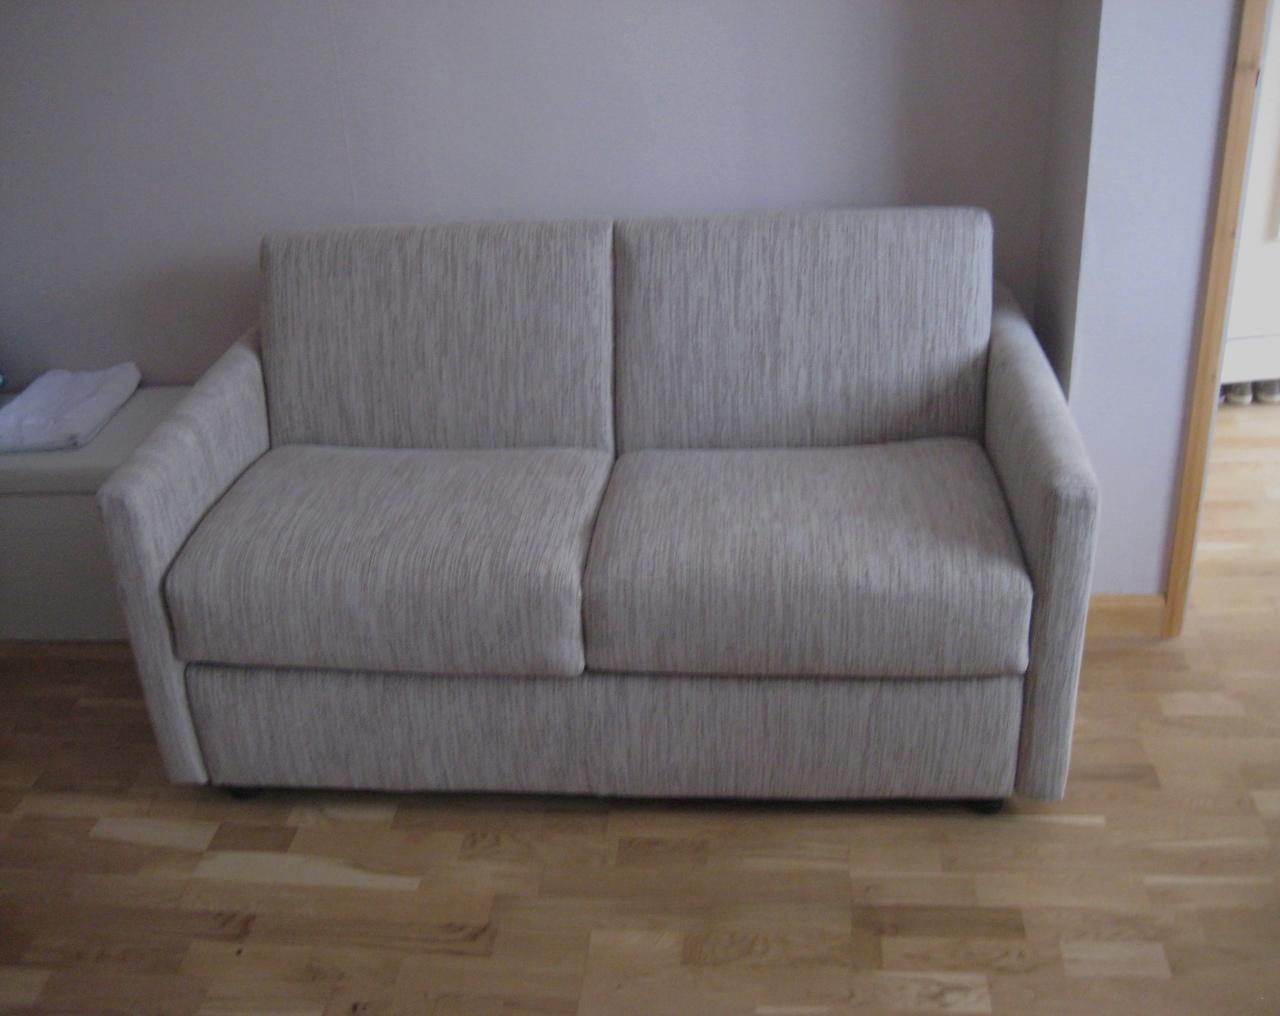 Full Size of 3er Sofa Grau Velvet Bed Couch Zum Ausziehen Einzigartig In Verkaufen Franz Fertig Togo 2 Sitzer Mit Relaxfunktion Rattan Garten Leinen 5 Tom Tailor Spannbezug Sofa 3er Sofa Grau